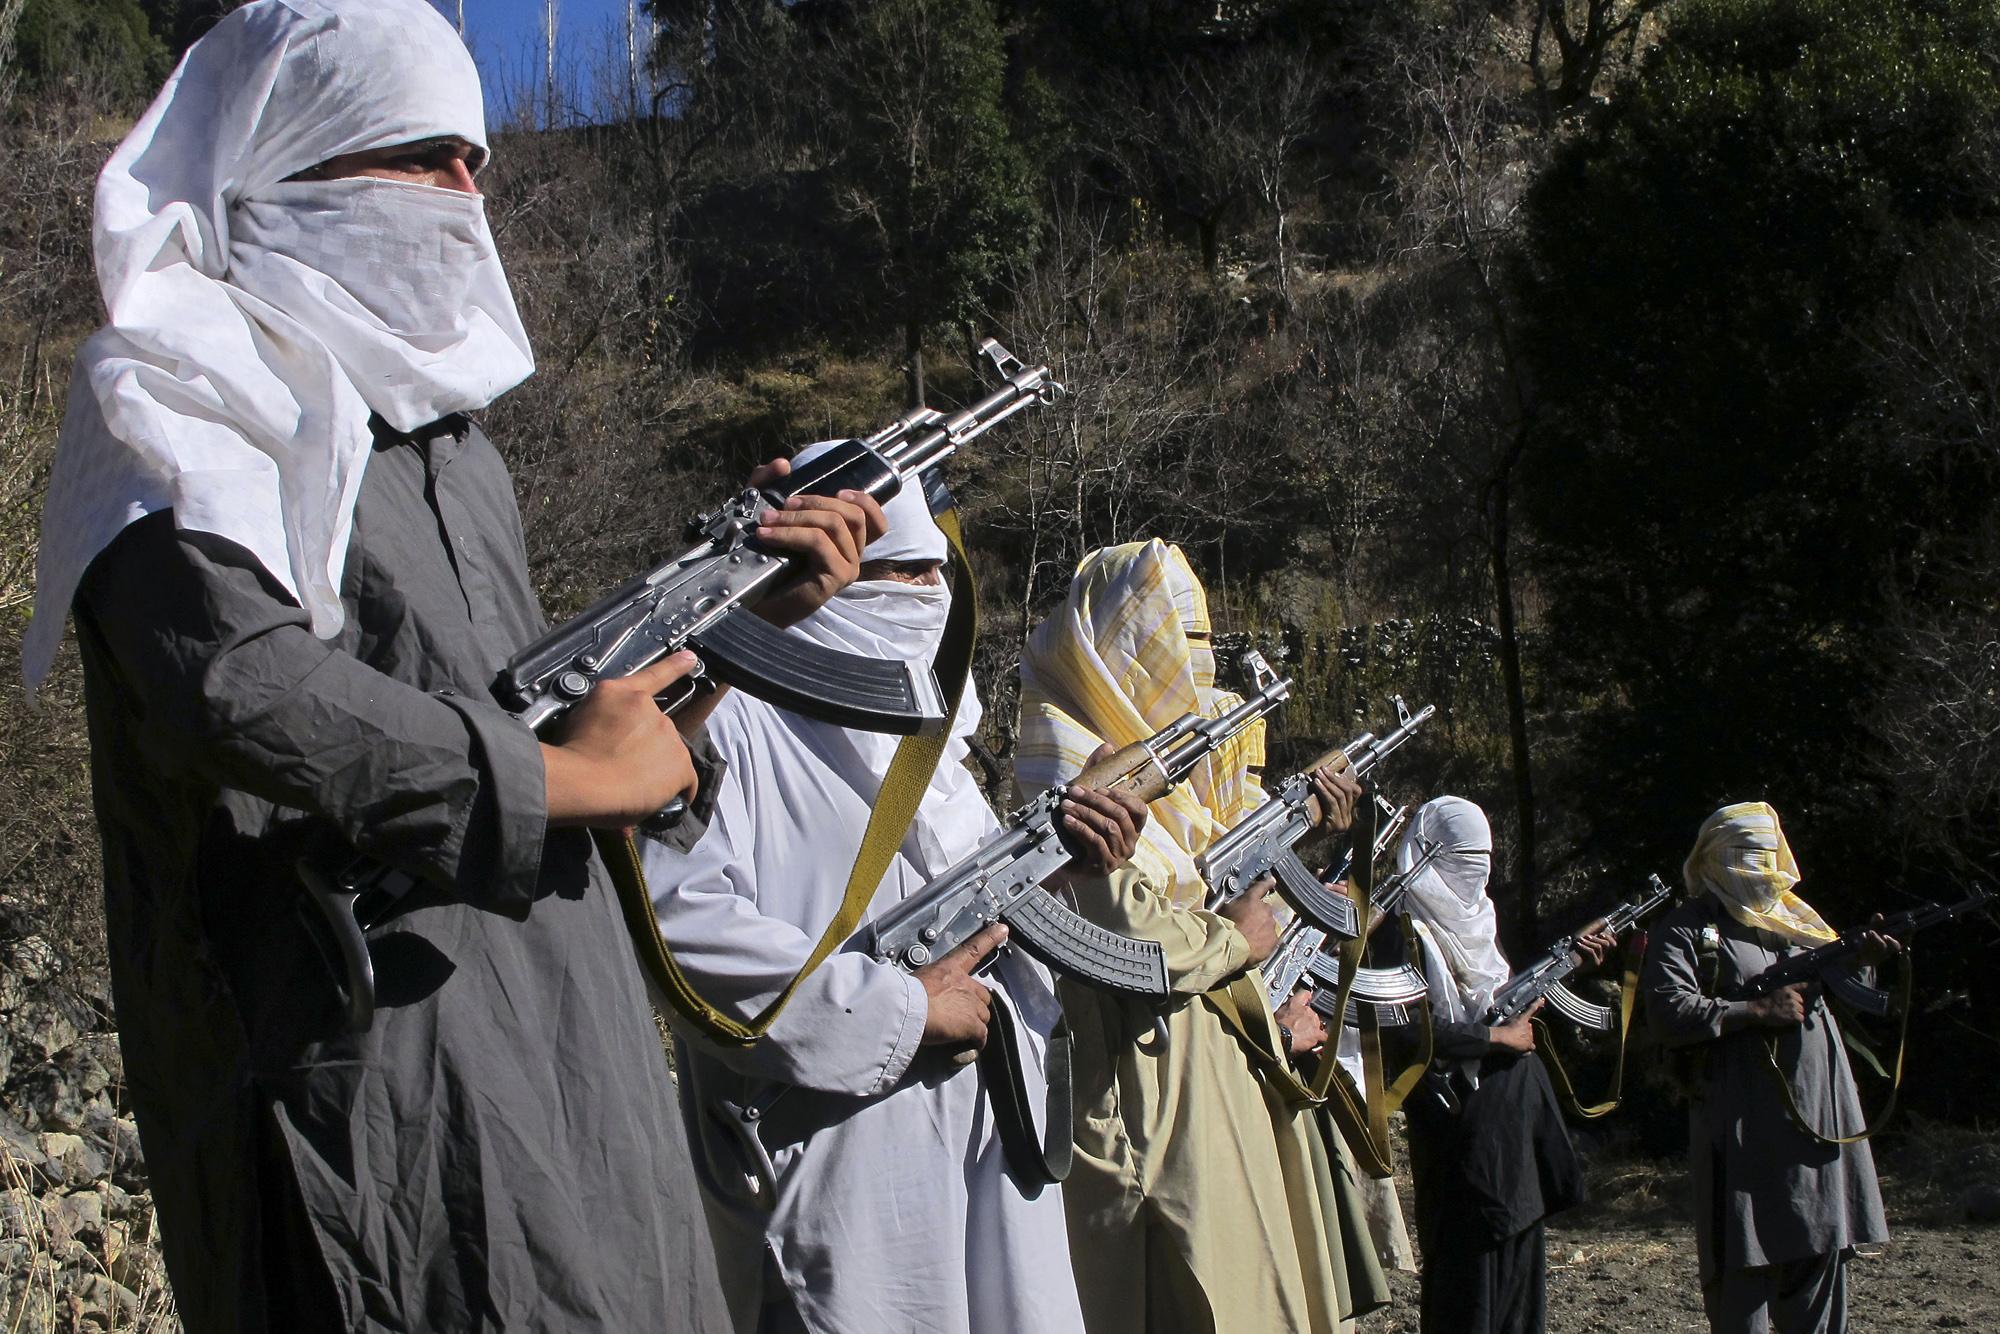 طالبان امریکا مذاکرات، افغان سر زمین امریکا کیخلاف استعمال نہ ہونیکی یقین دہانی